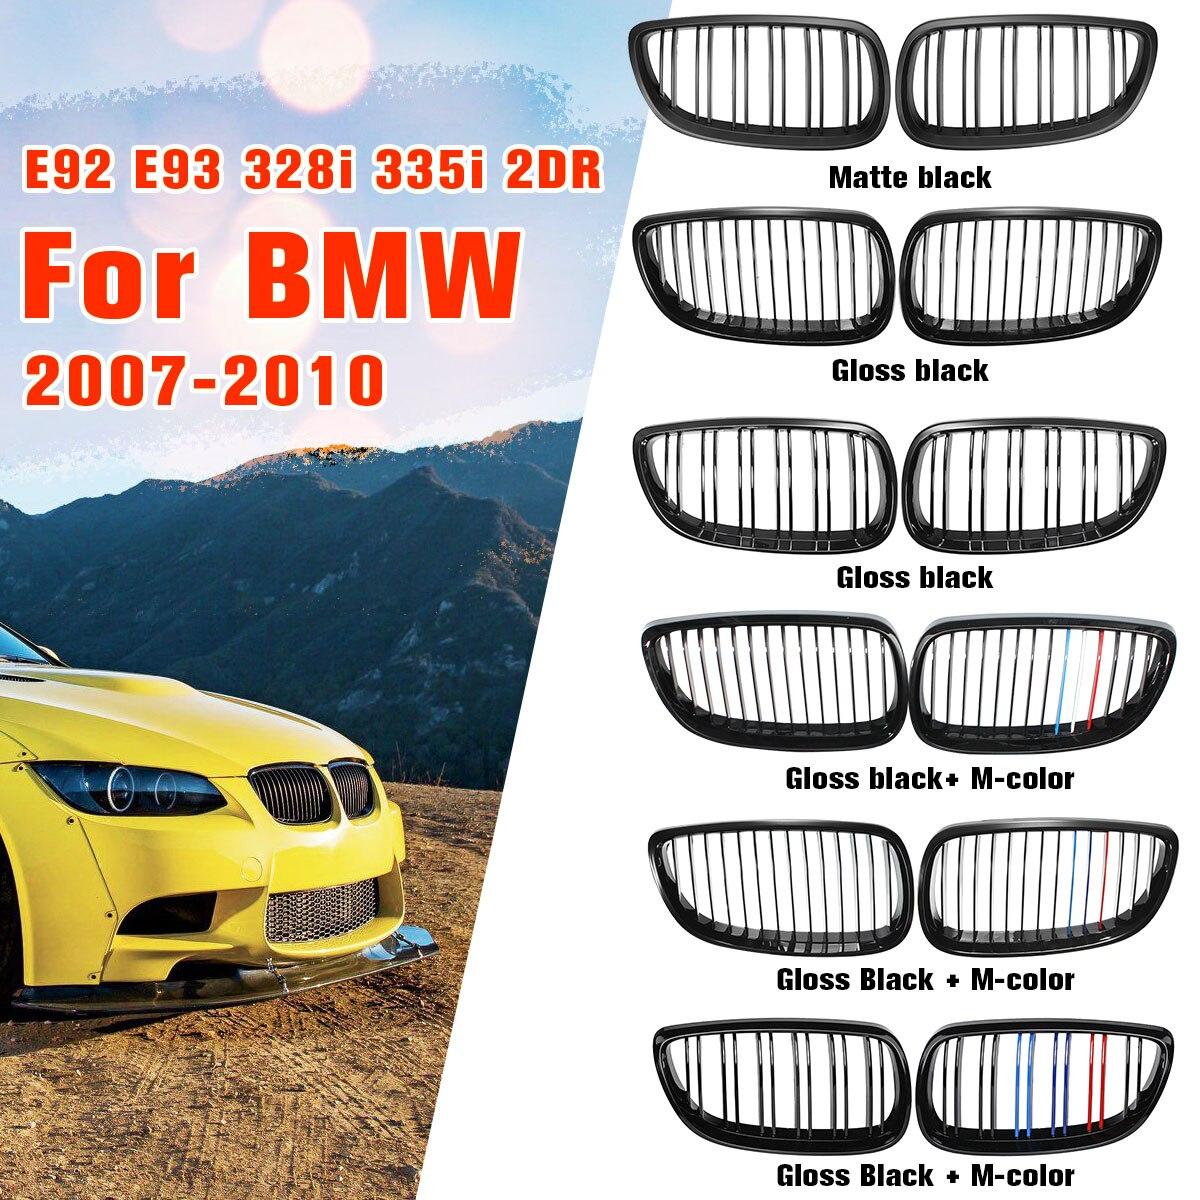 GLOSS สีดำ M-สี Dual Line กระจังหน้าสำหรับ BMW E92 E93 M3 328i 335i 2 ประตู 2007 2008 2009 รถจัดแต่งทรงผม